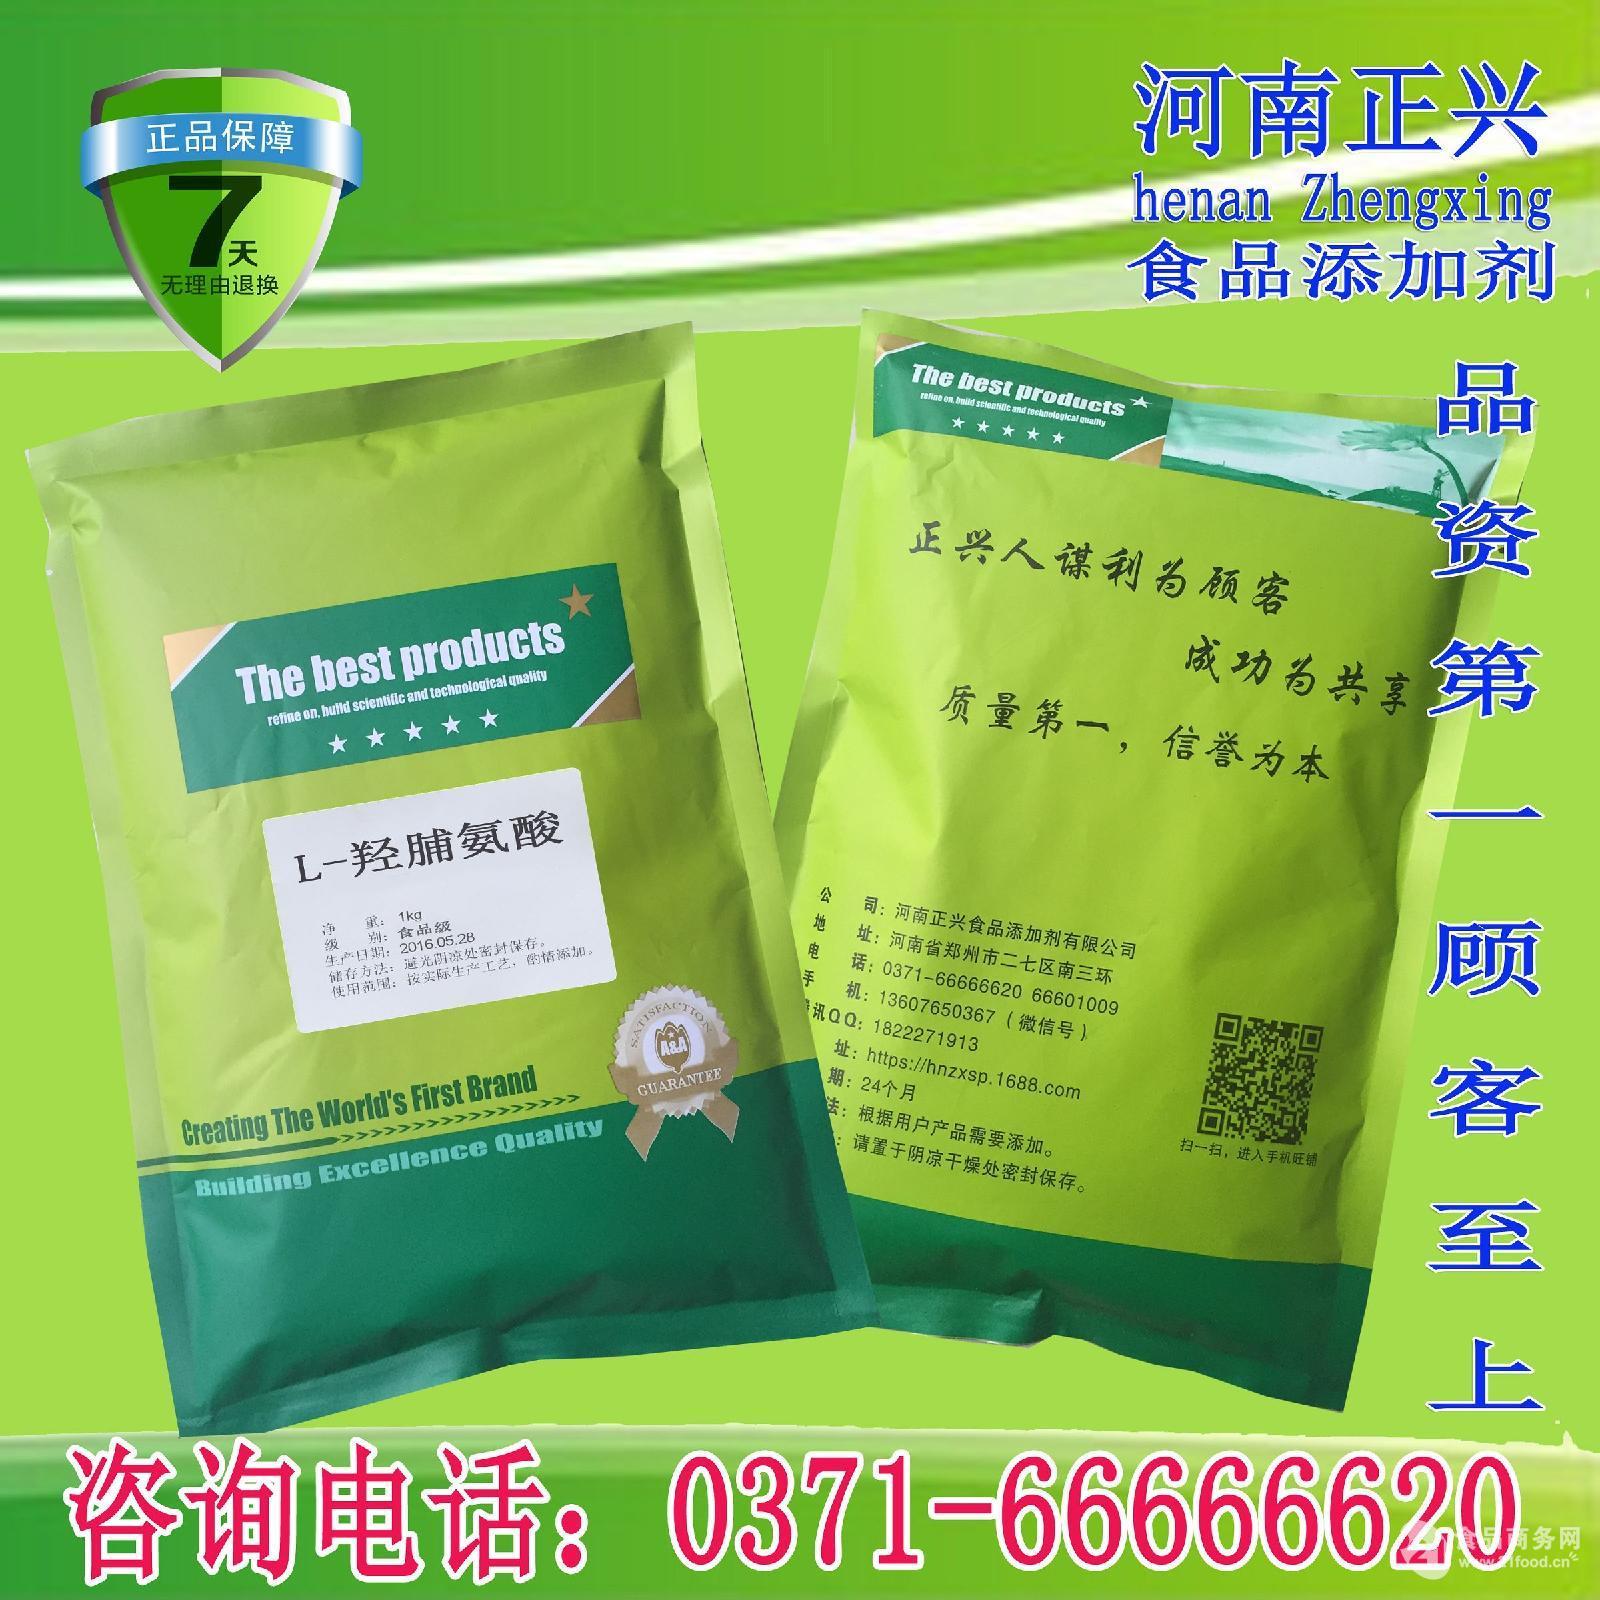 厂家直销 L-羟脯氨酸 99% 质量保证